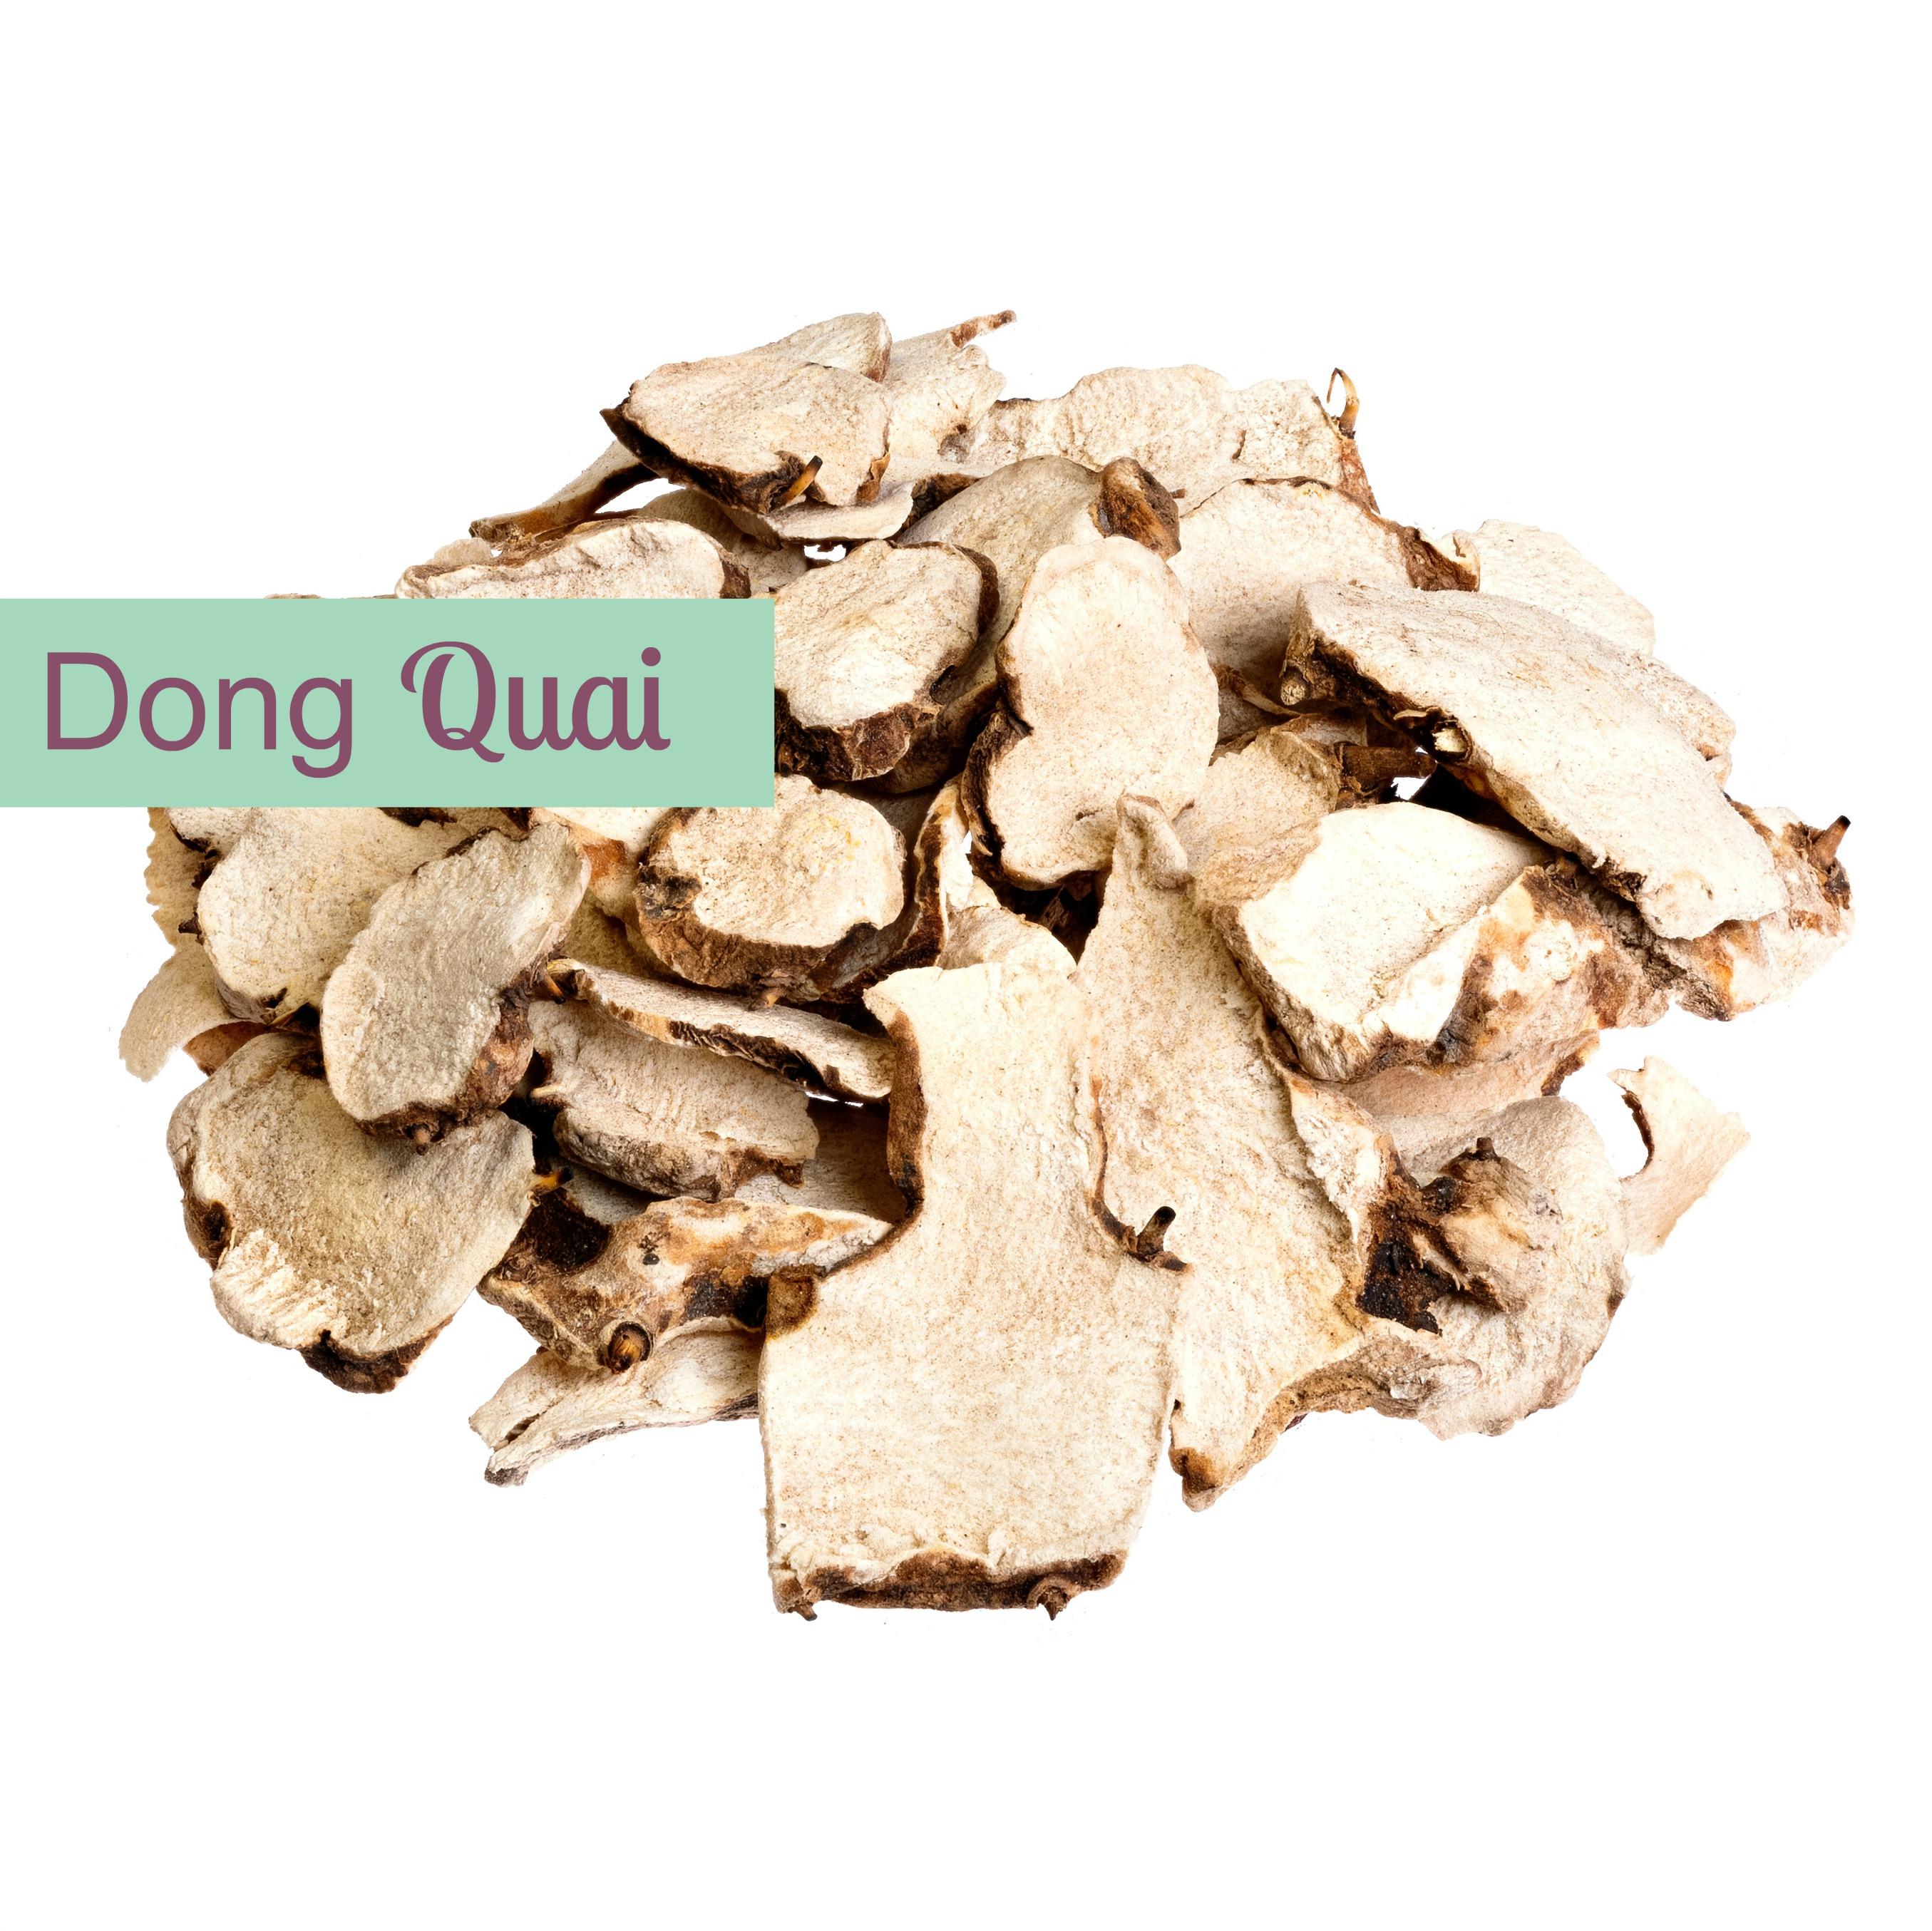 Don quai root